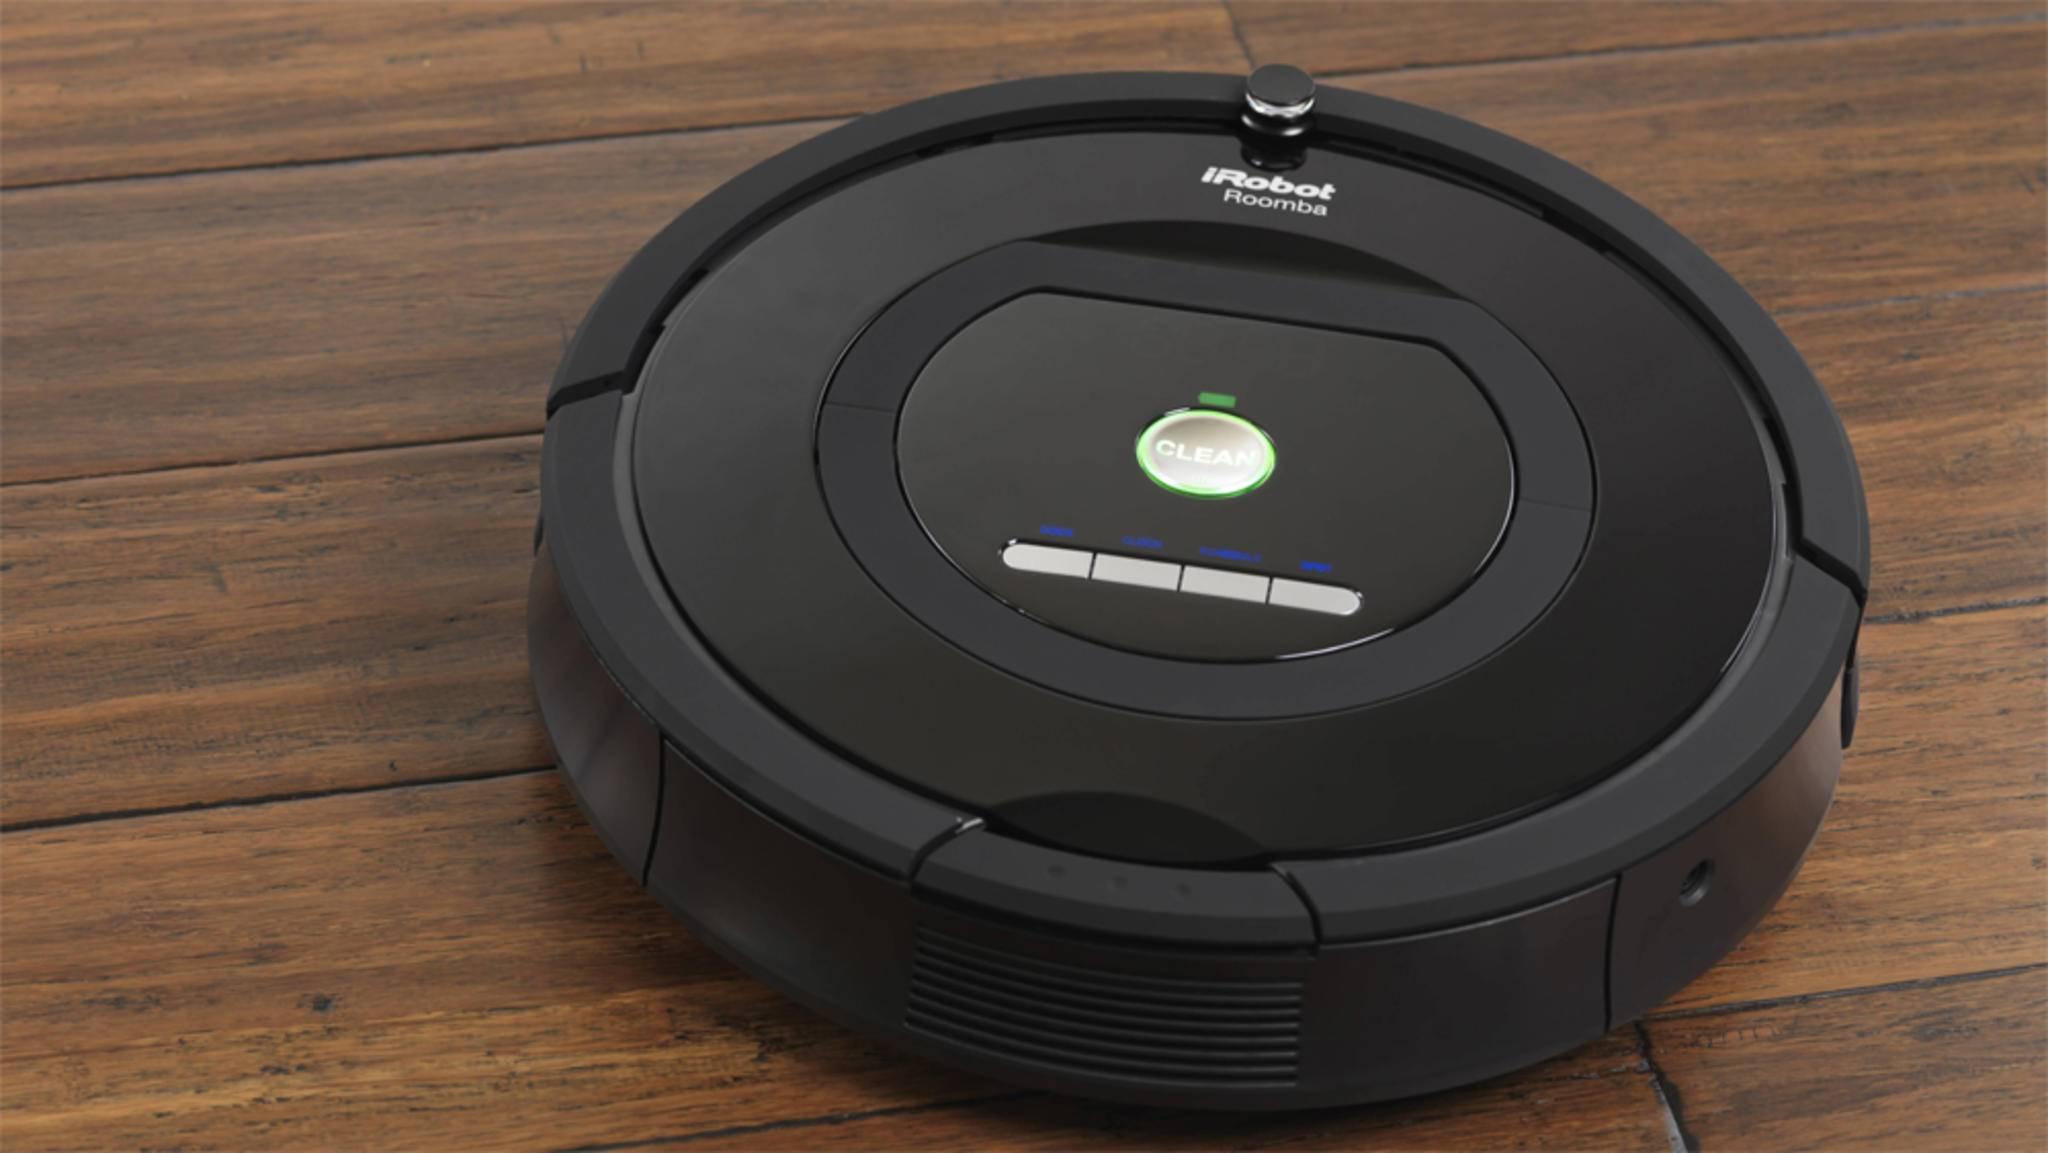 Organisiert der Roomba bald das Smart Home?